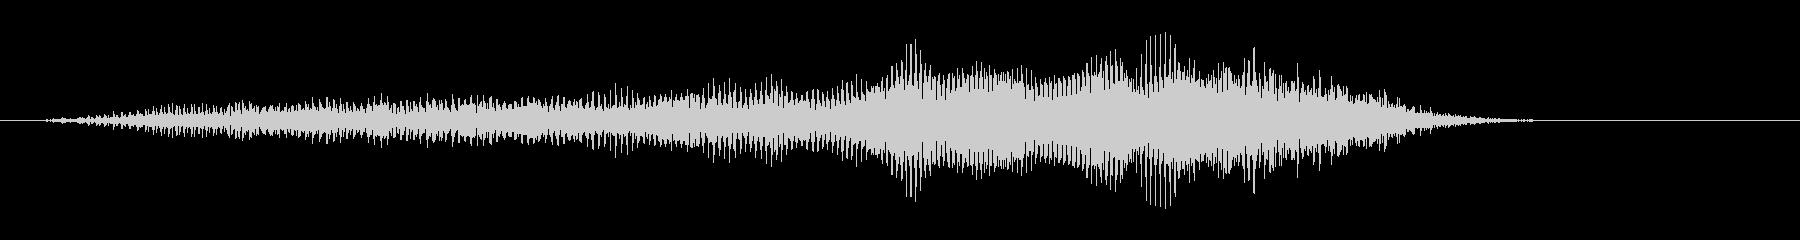 モォ〜♪牛の鳴き声の効果音 06の未再生の波形